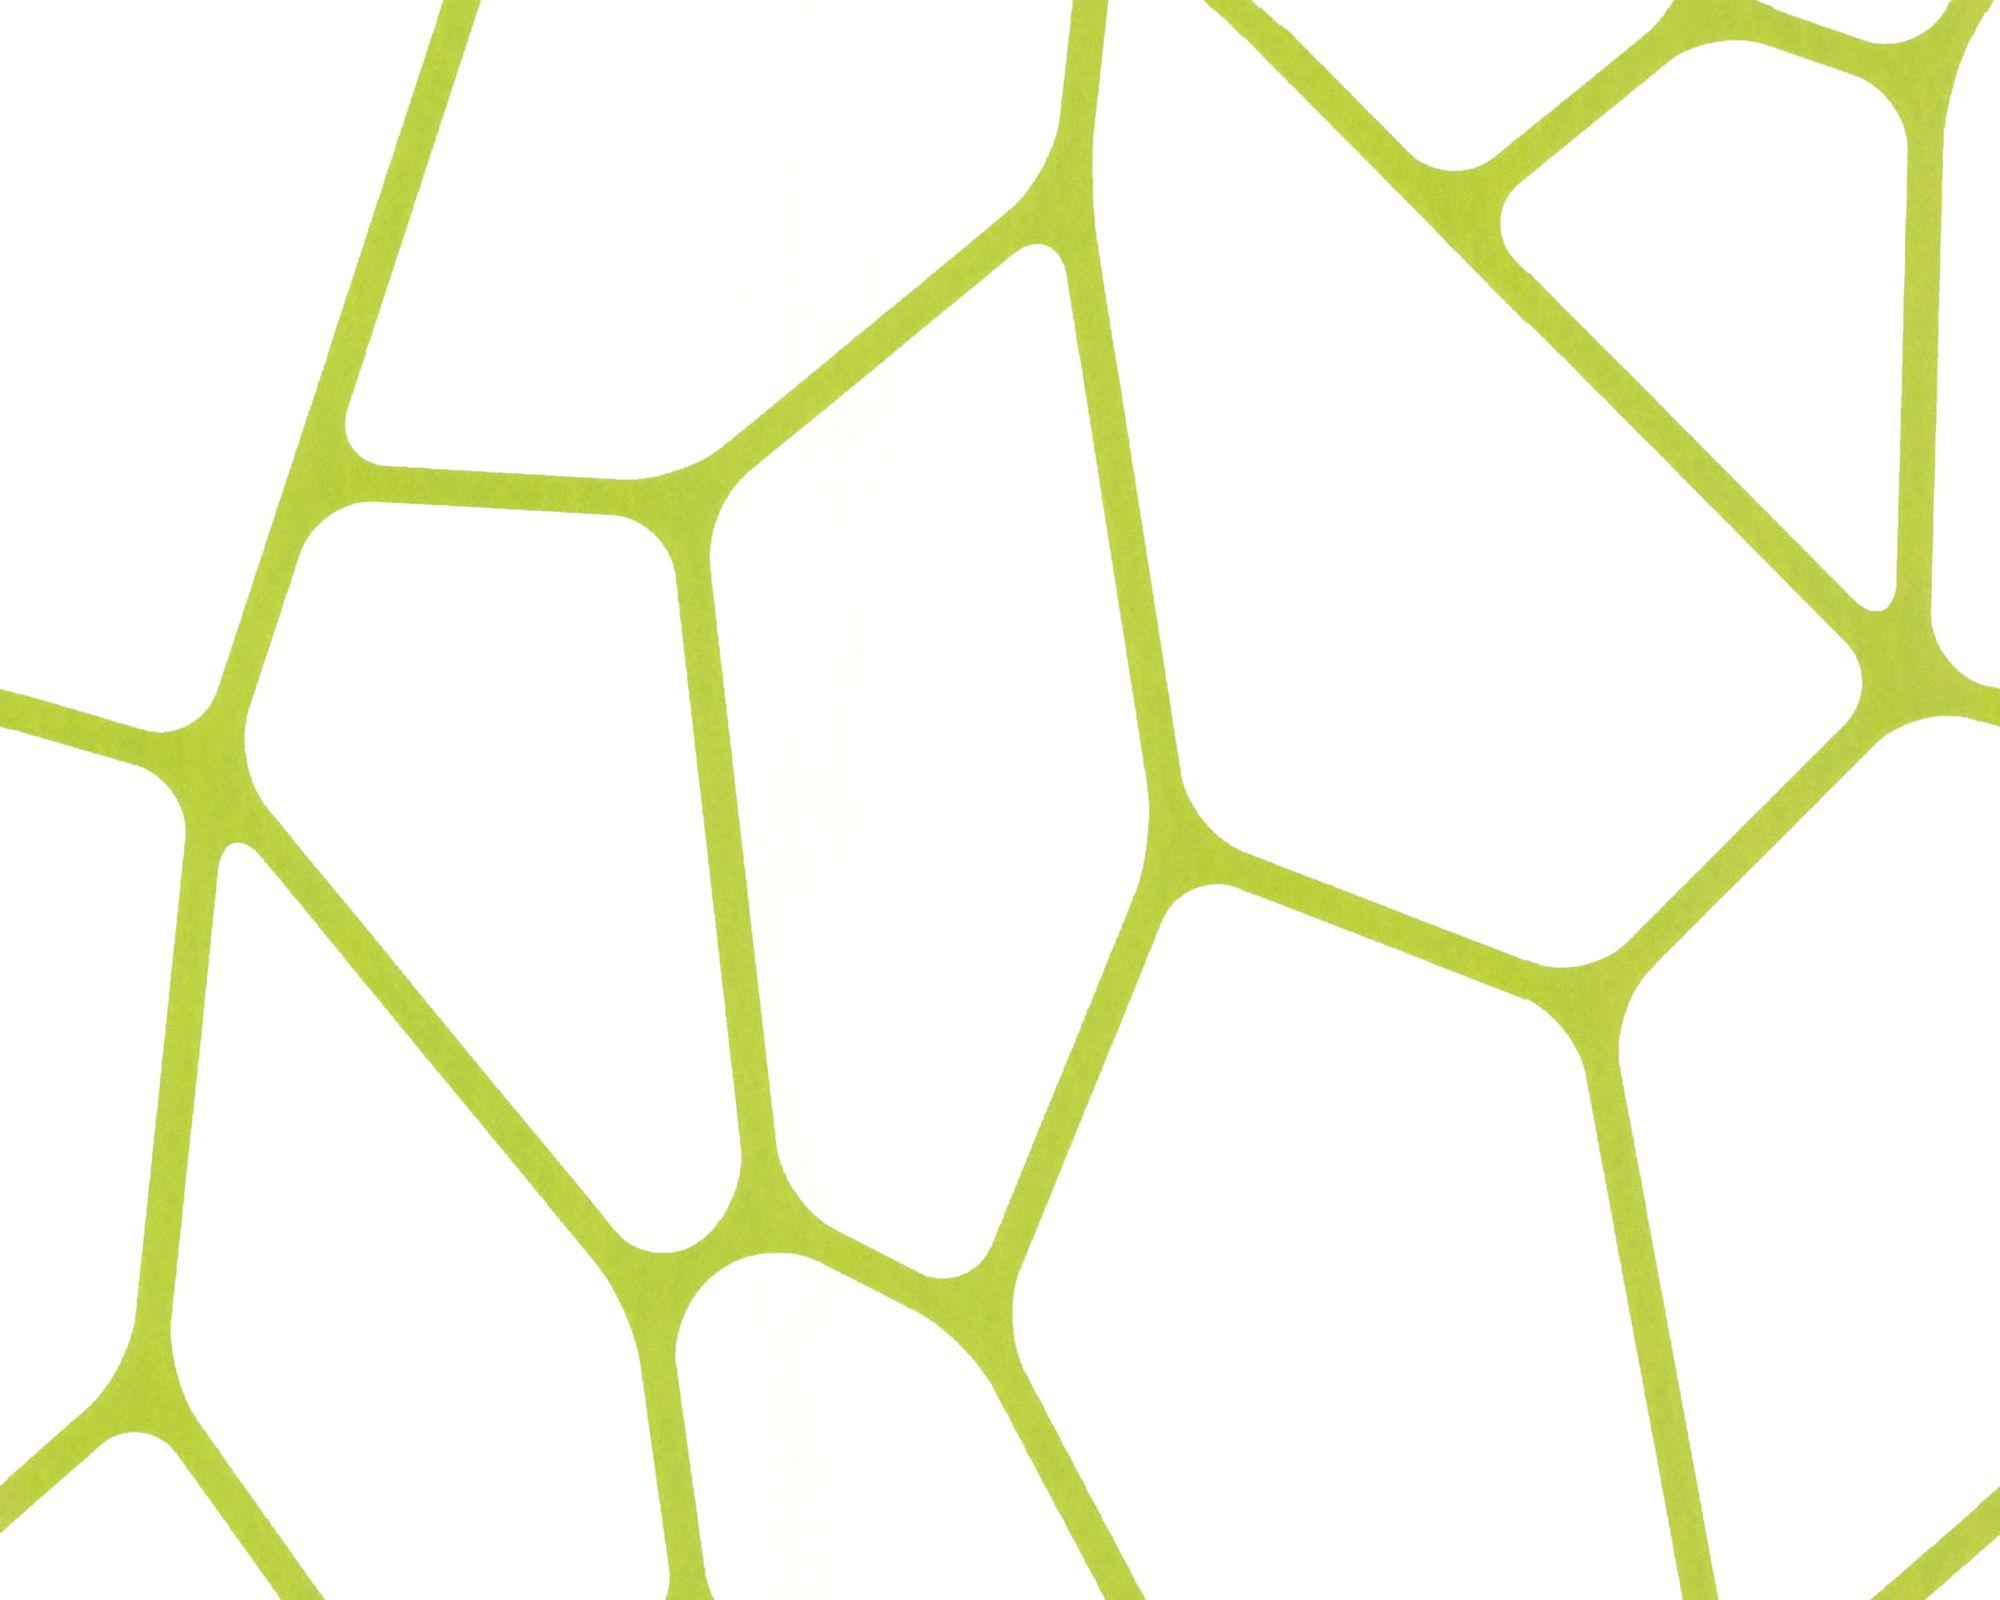 Entzuckend Eine #ausgefallene #Tapete Aus Der Kollektion U003eu003eContzen 3u003cu003c Von A.S.  Creation Http://www.tapetenshop.de/kollektionen/201115.html?ipageu003d14